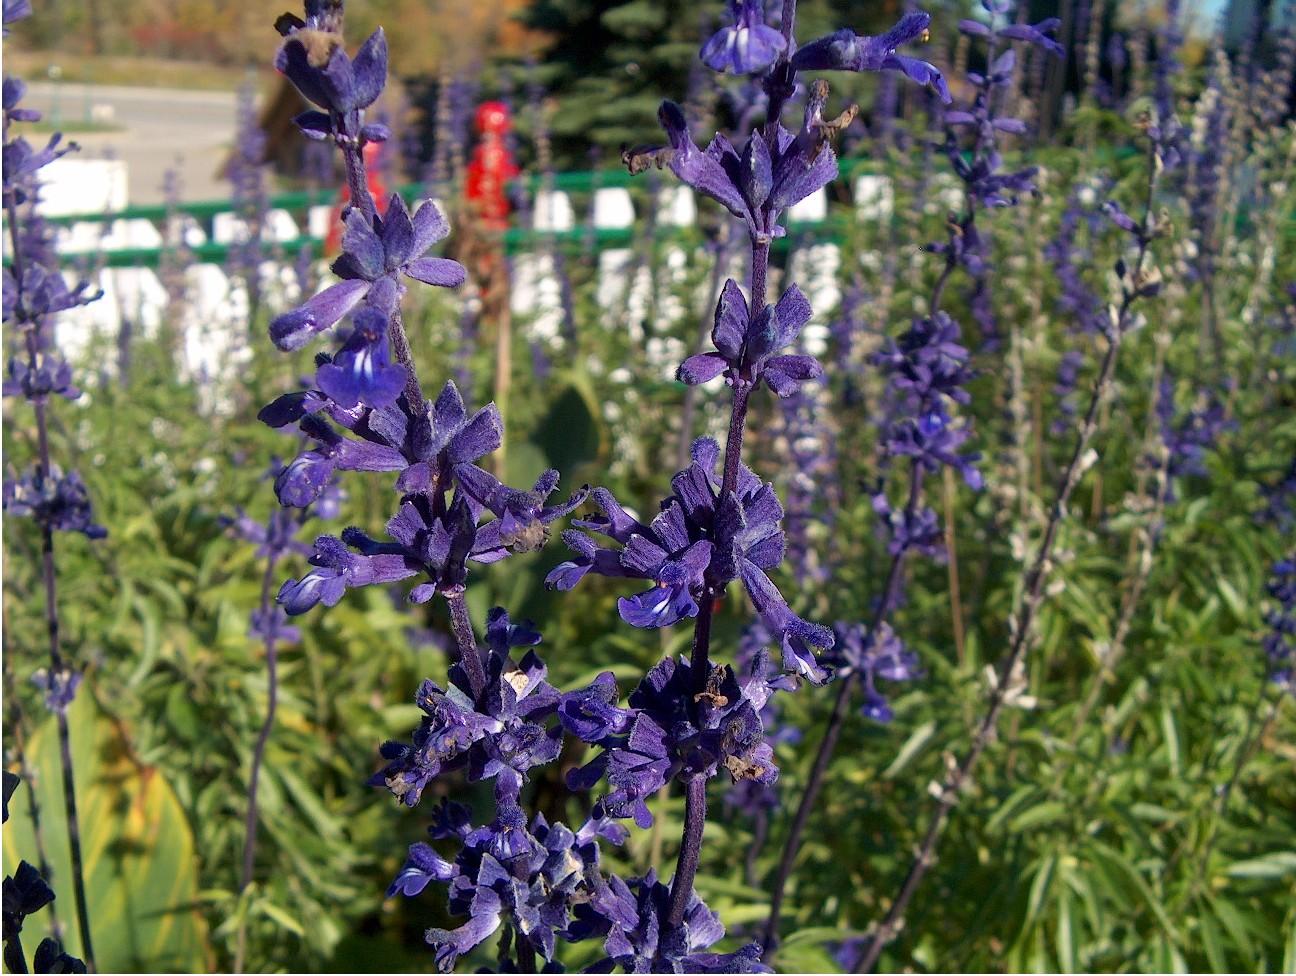 Salvia species / Salvia species